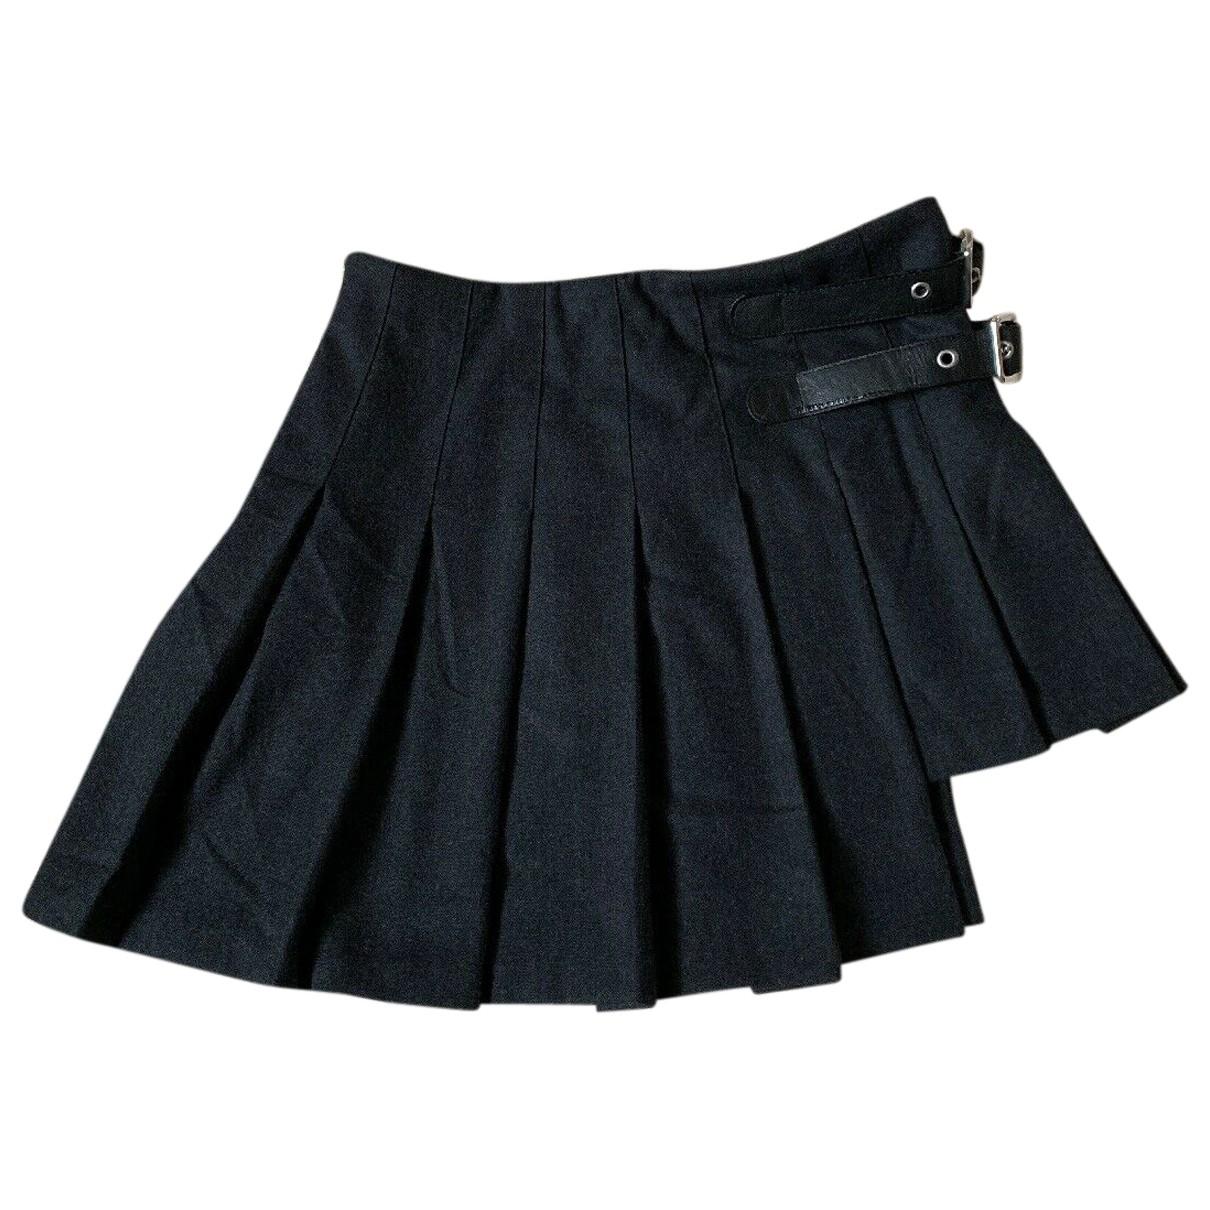 D&g \N Black Wool skirt for Women 44 IT